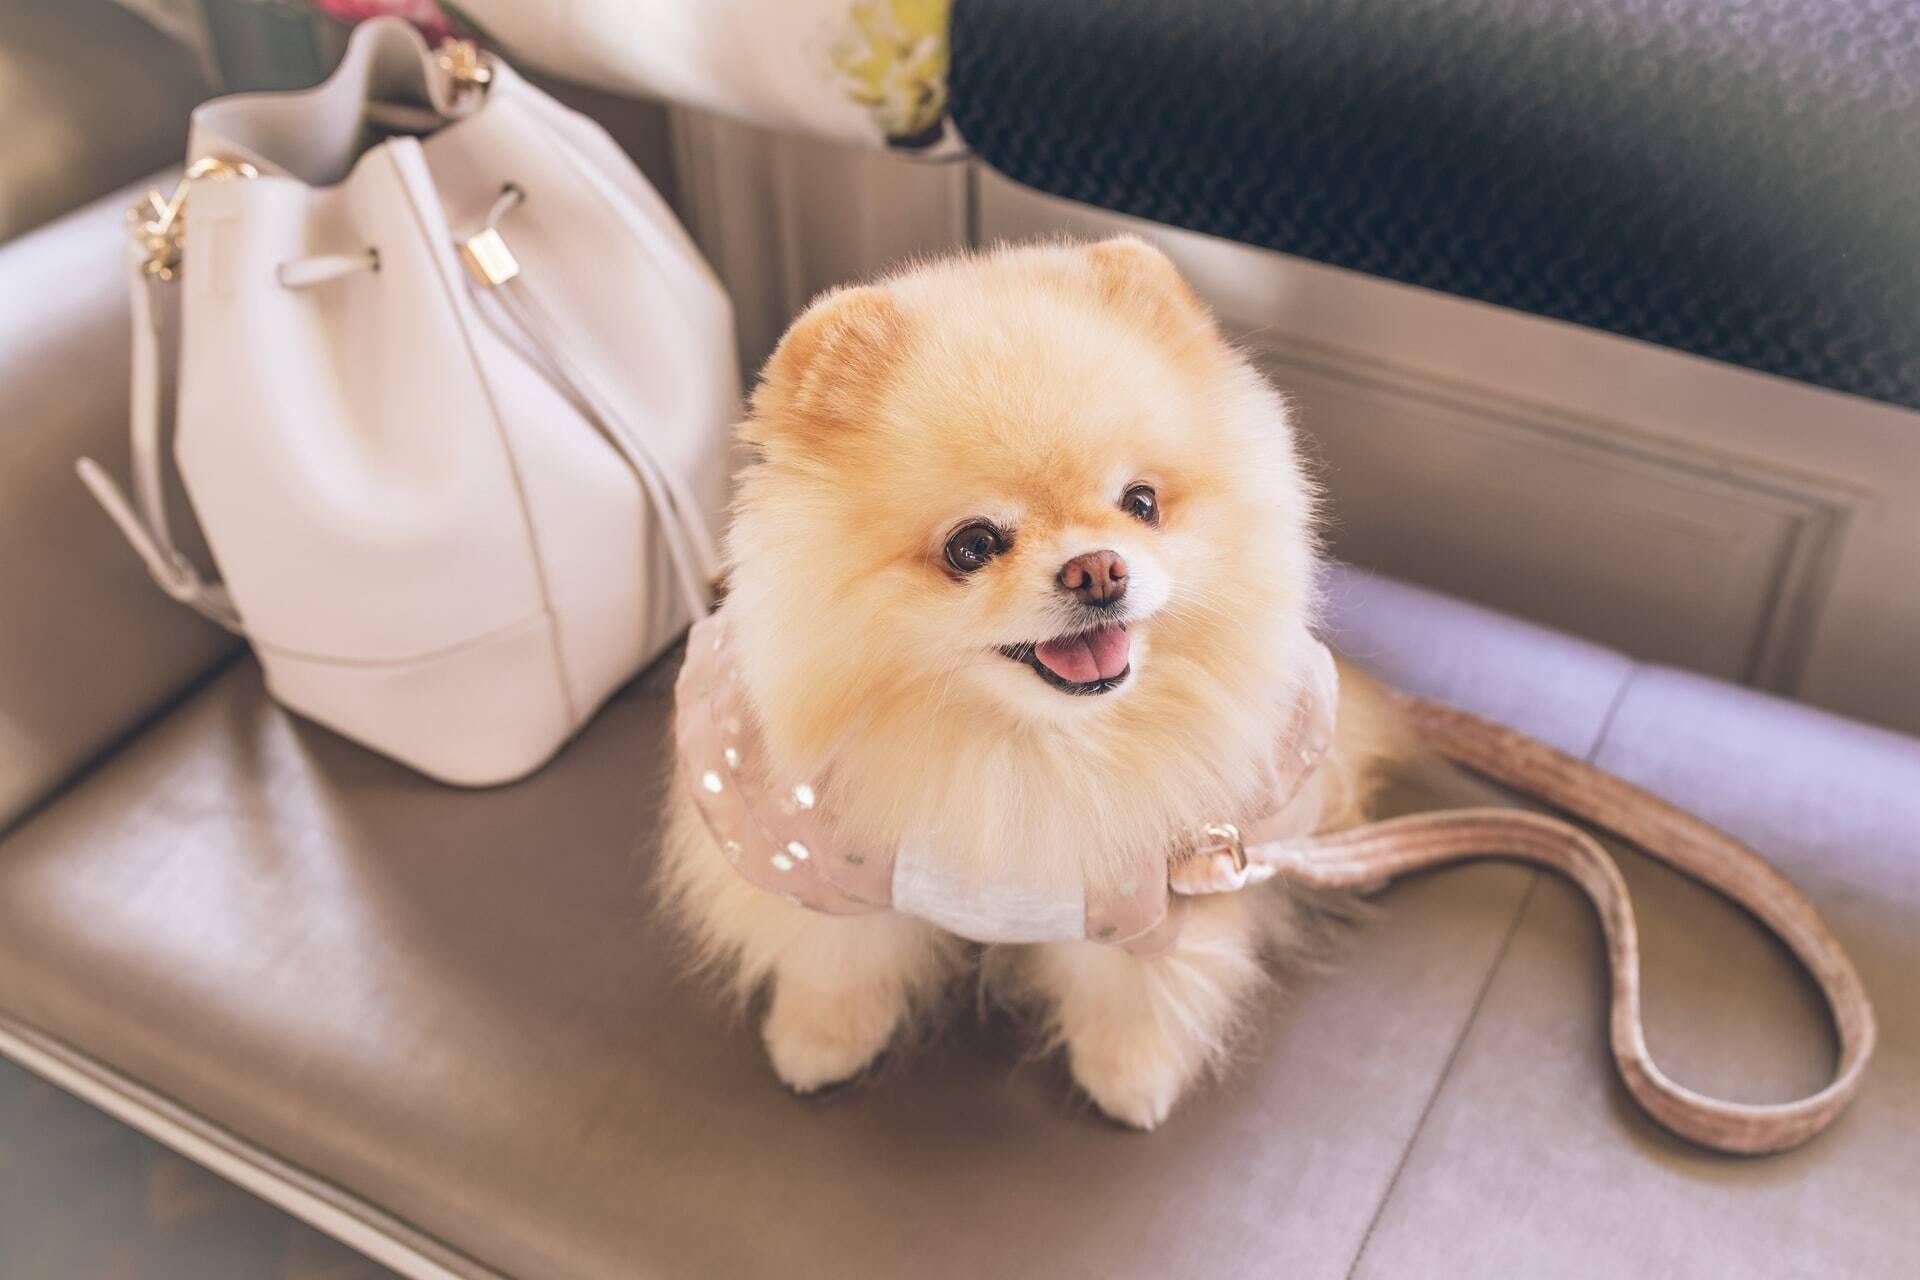 Pensando em adicionar um cão de companhia à sua família? Uma dessas raças de cães pequenos pode ser a combinação perfeita.